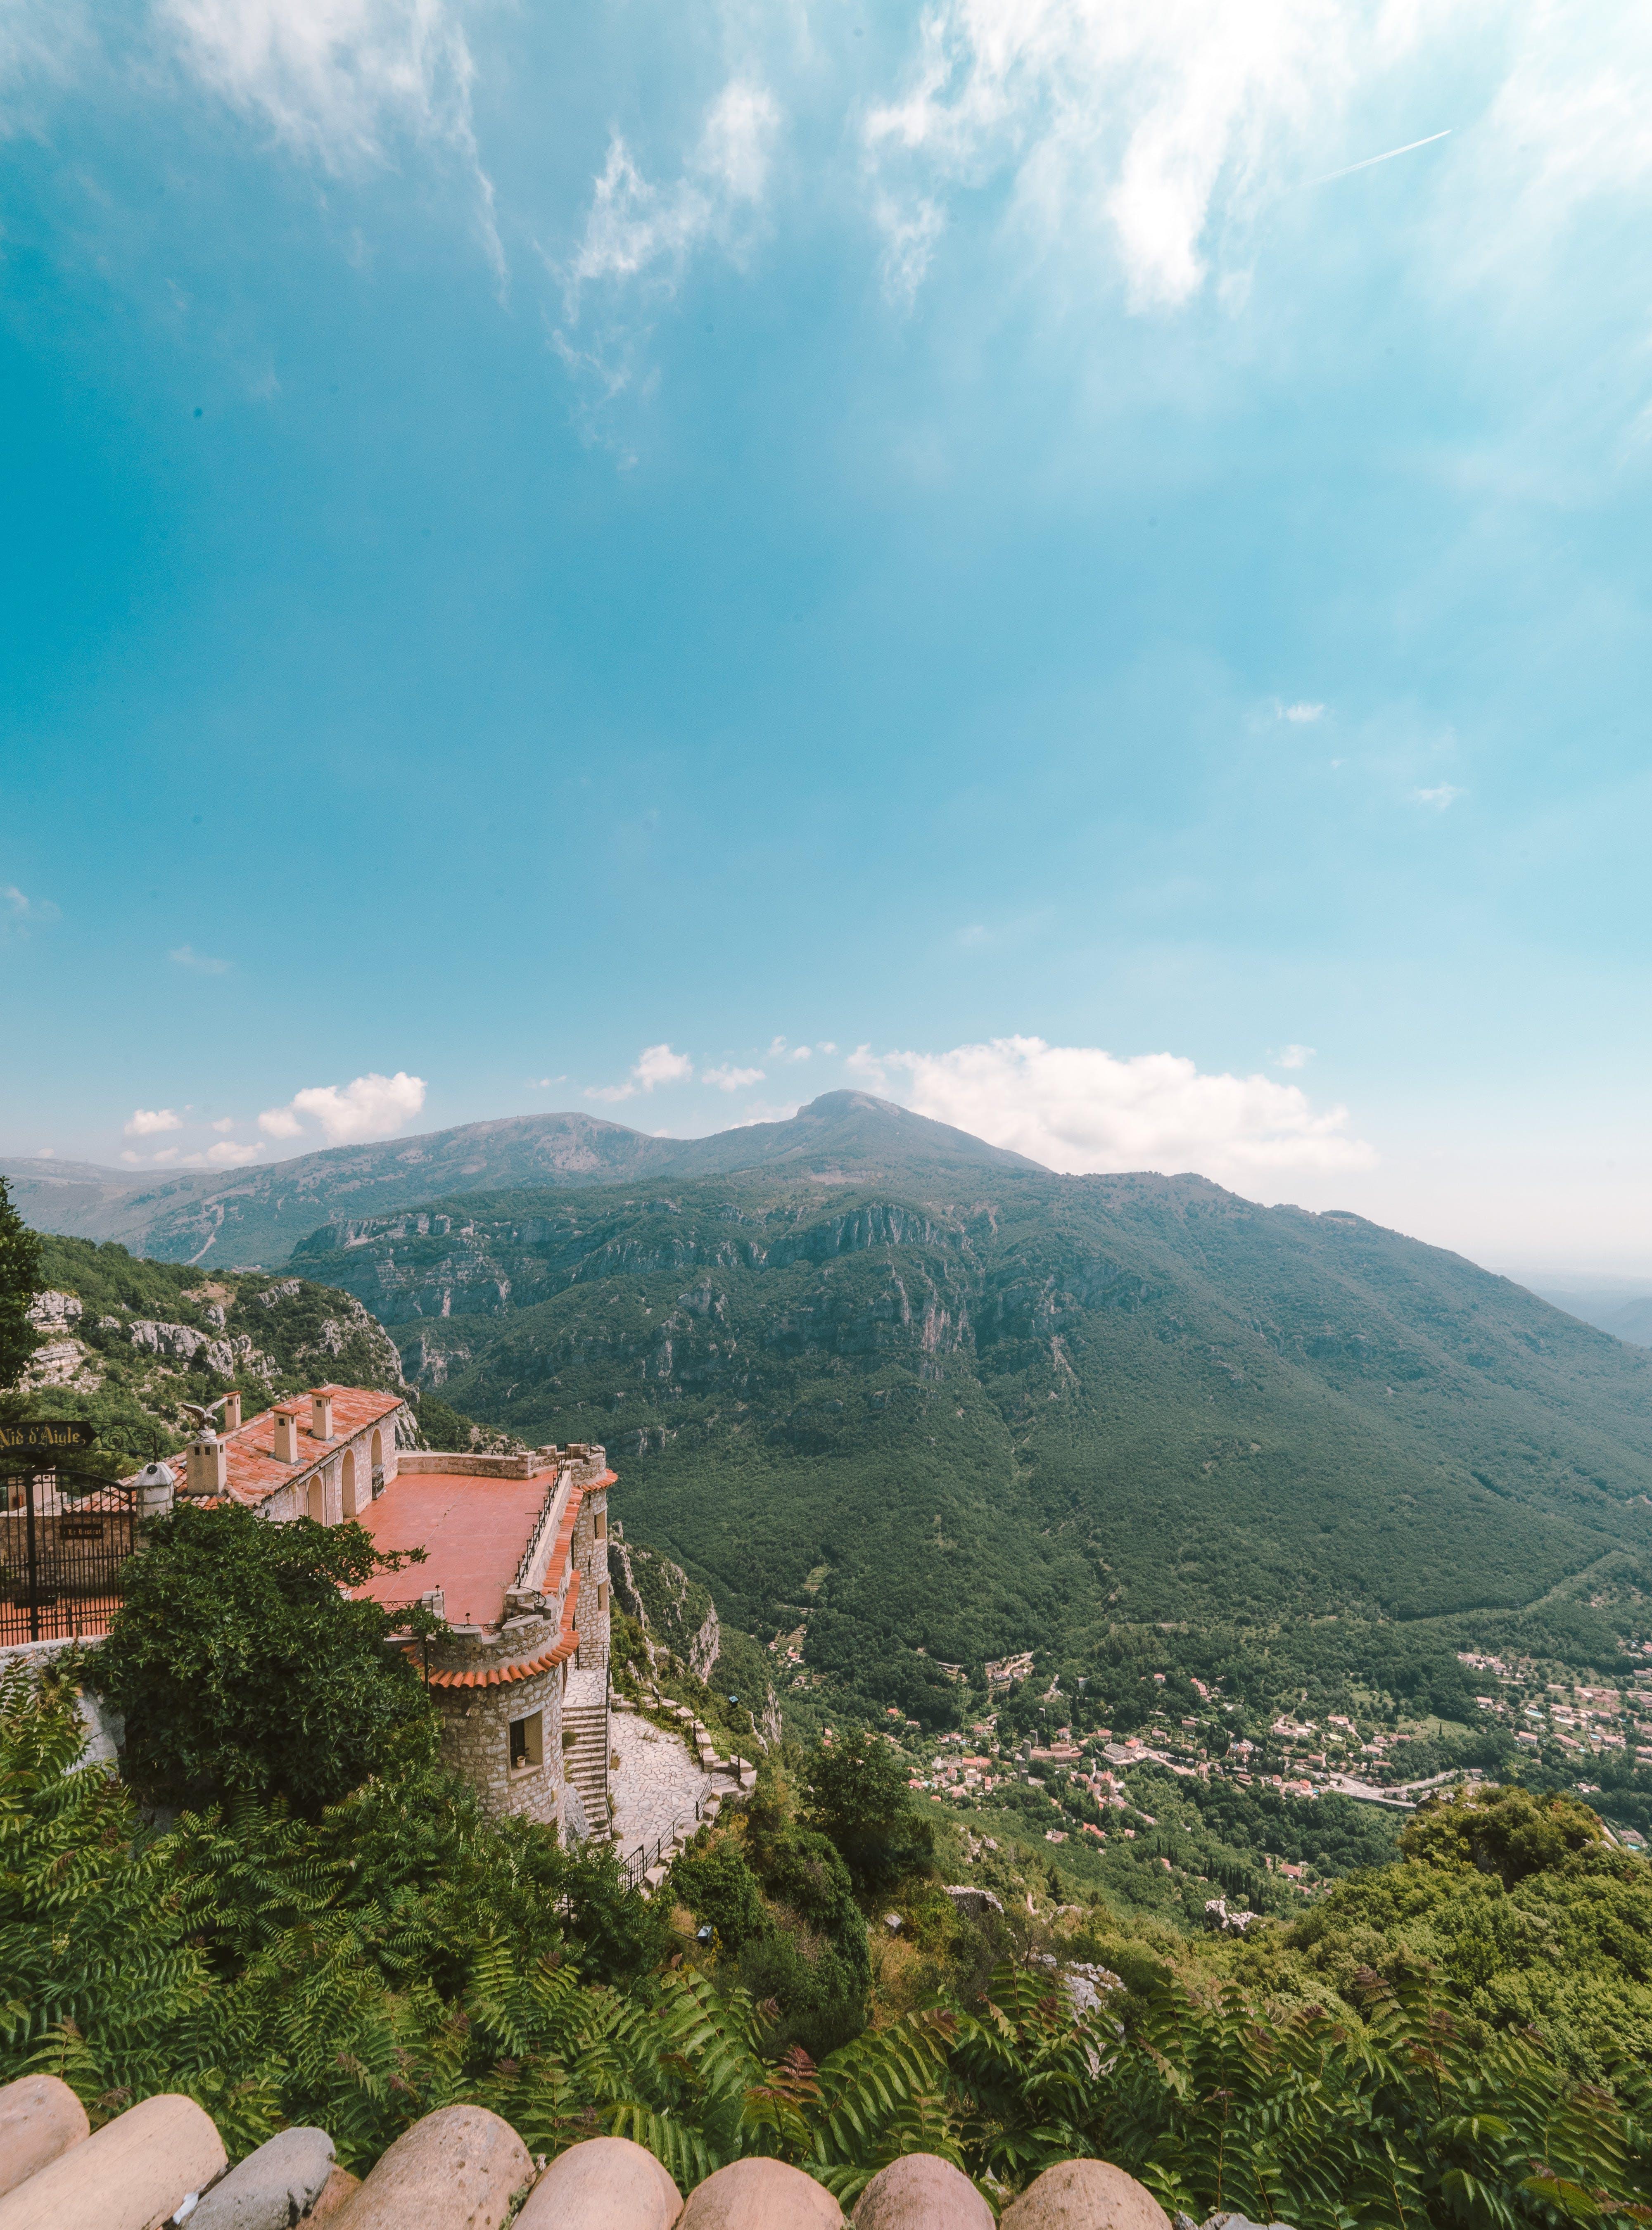 Kostenloses Stock Foto zu bäume, berge, blauer himmel, draußen